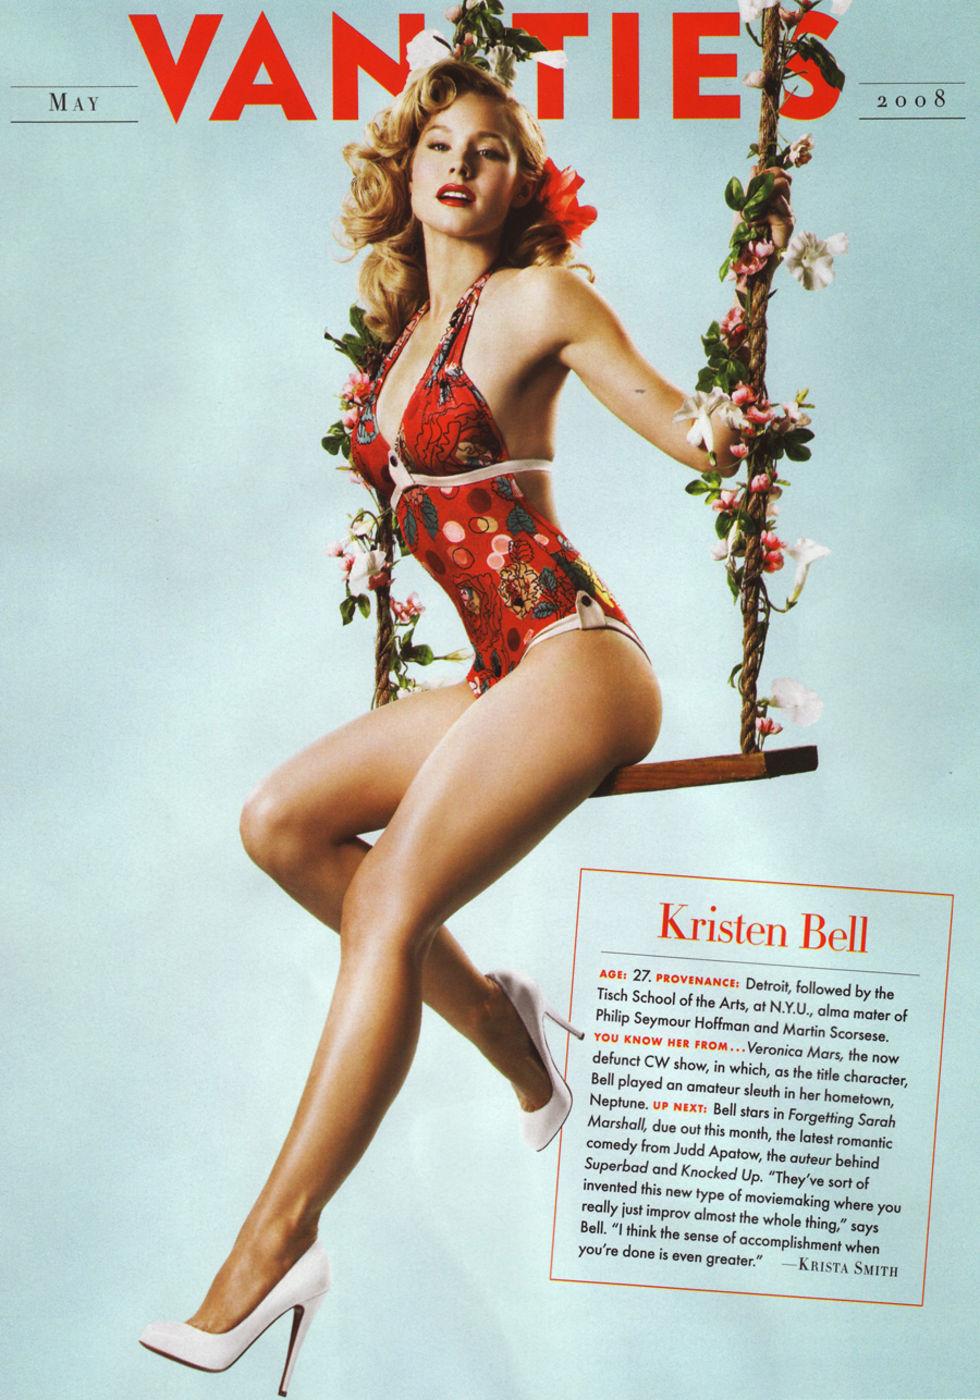 kristen-bell-vanities-magazine-may-2008-01